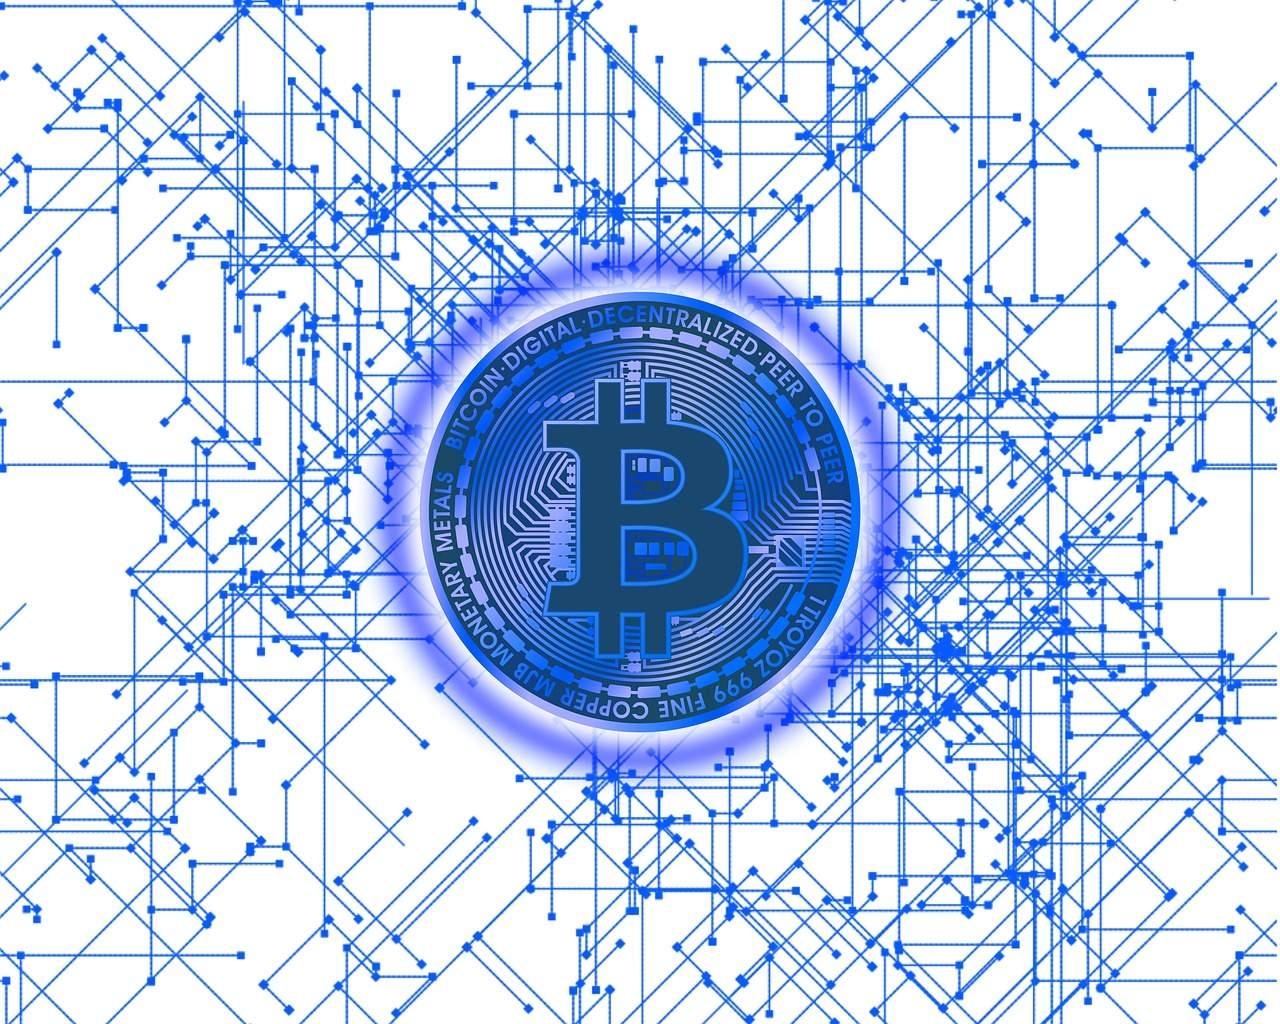 was ist die nächste große investition wie bitcoin? handel anmeldebonus bitcoin